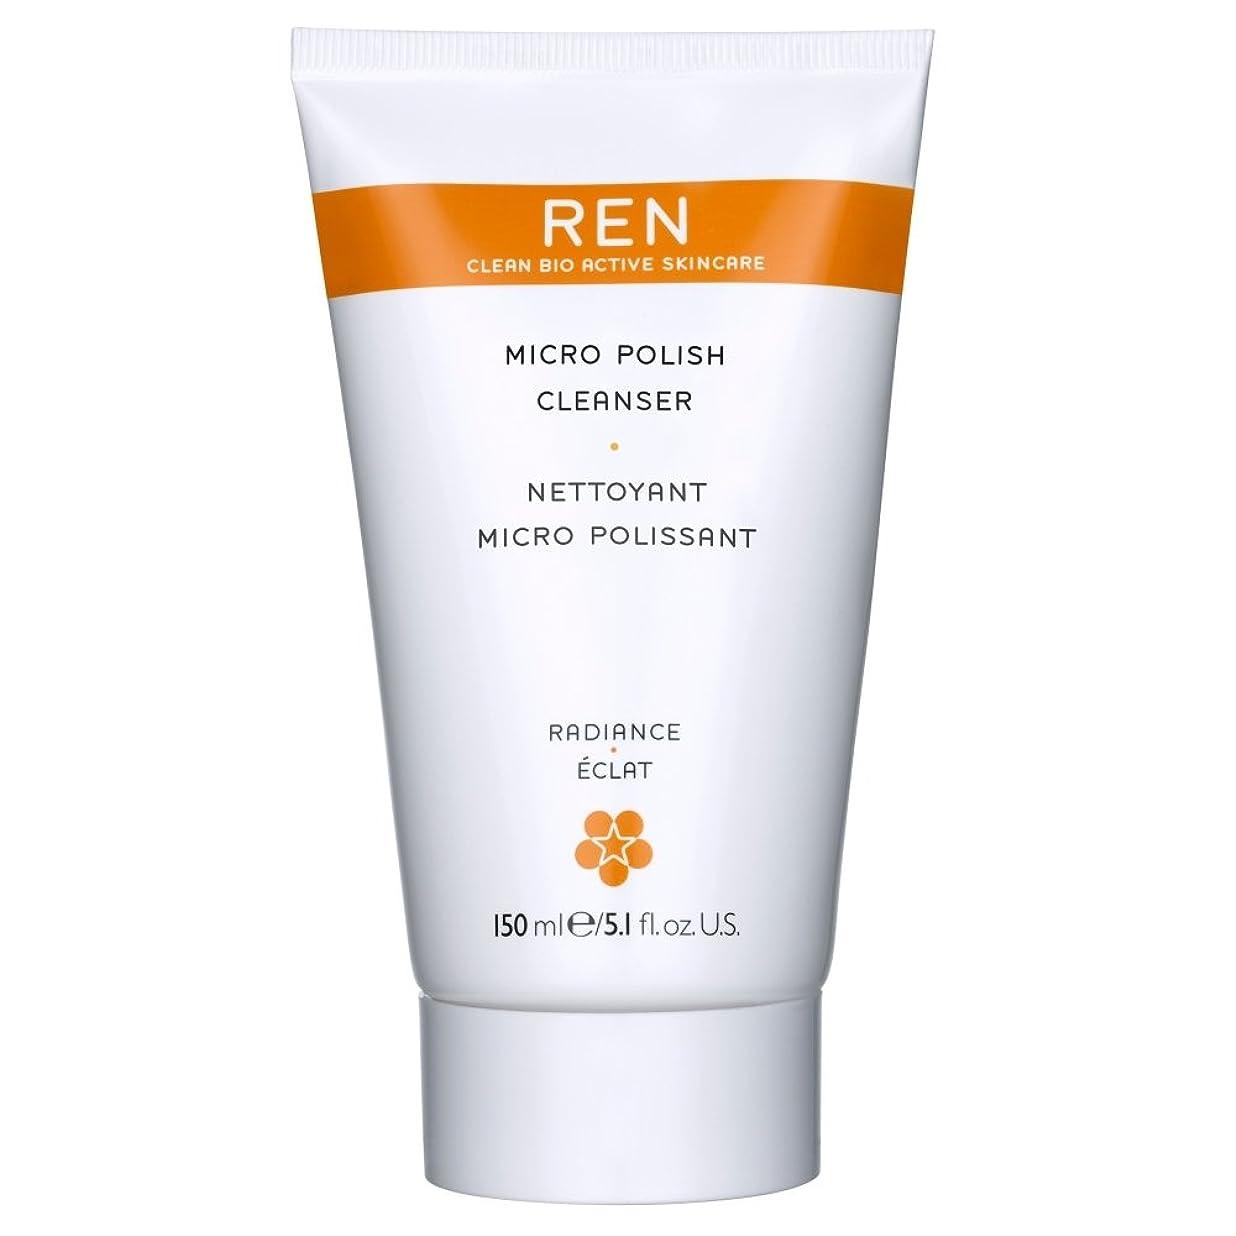 ペレット整然としたテナントRenミルコ磨きクレンザー、150ミリリットル (REN) (x6) - REN Mirco Polish Cleanser, 150ml (Pack of 6) [並行輸入品]